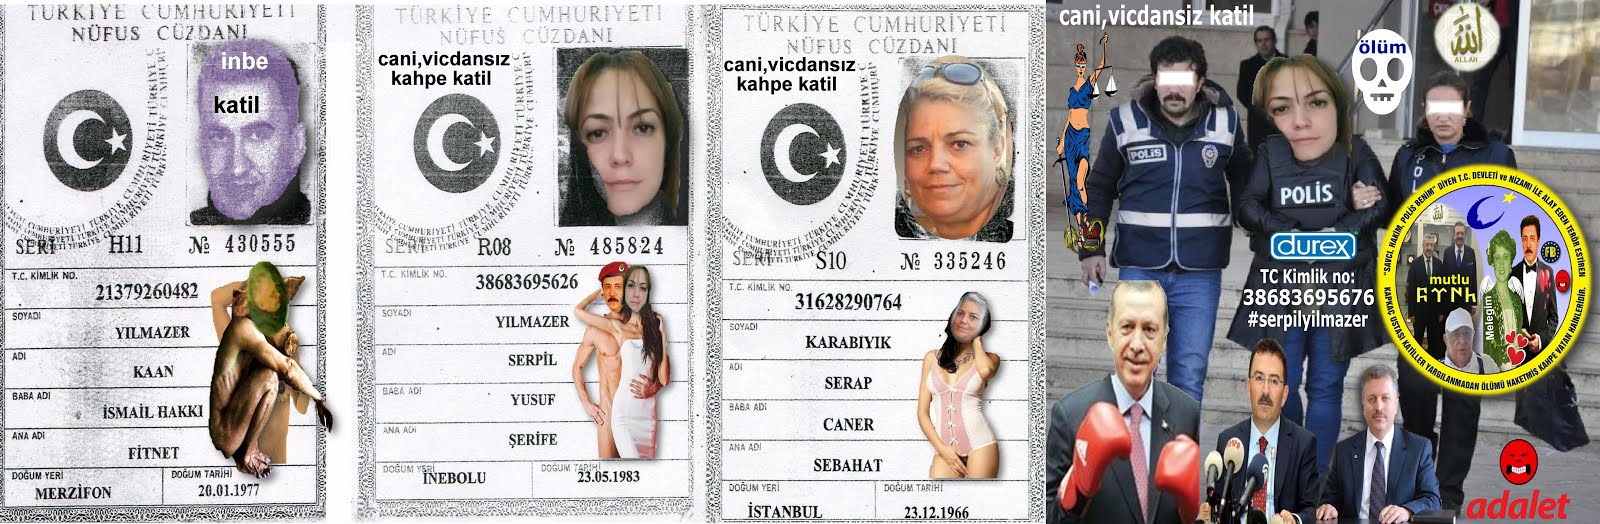 serpil yılmazer ölümü bekleyen katiller